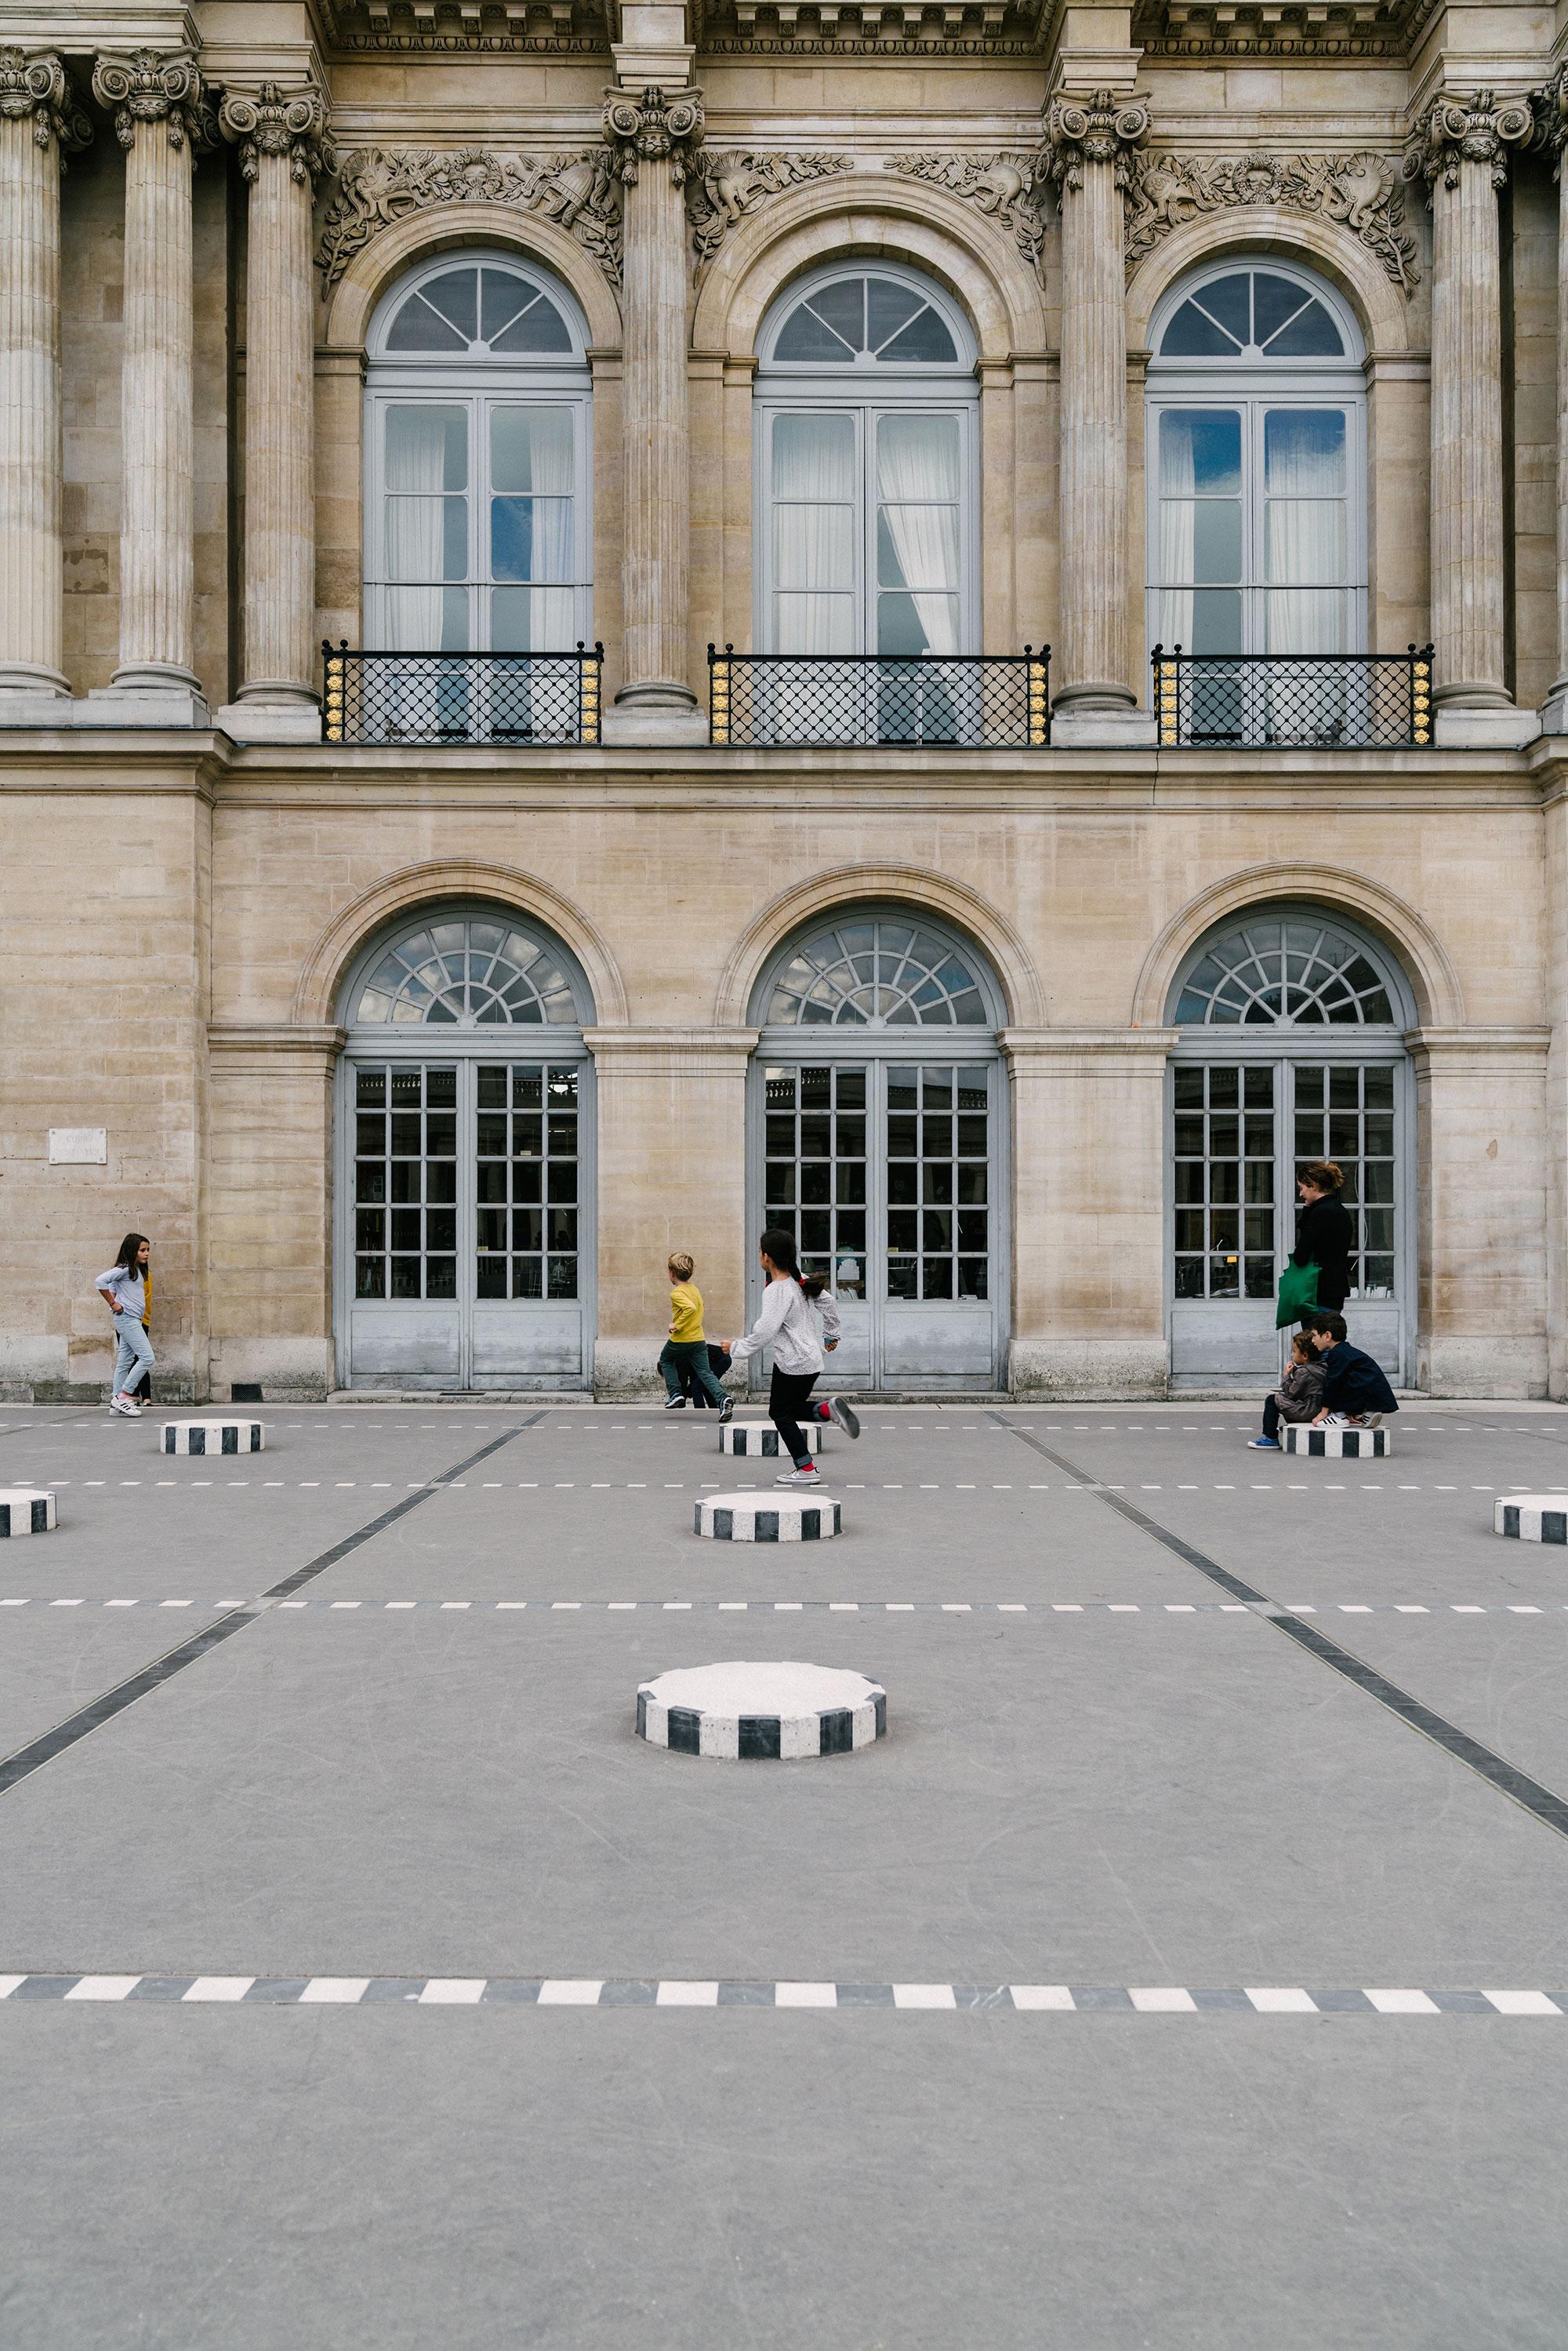 Daniel Buren's Les Deux Plateaux at Palais Royal